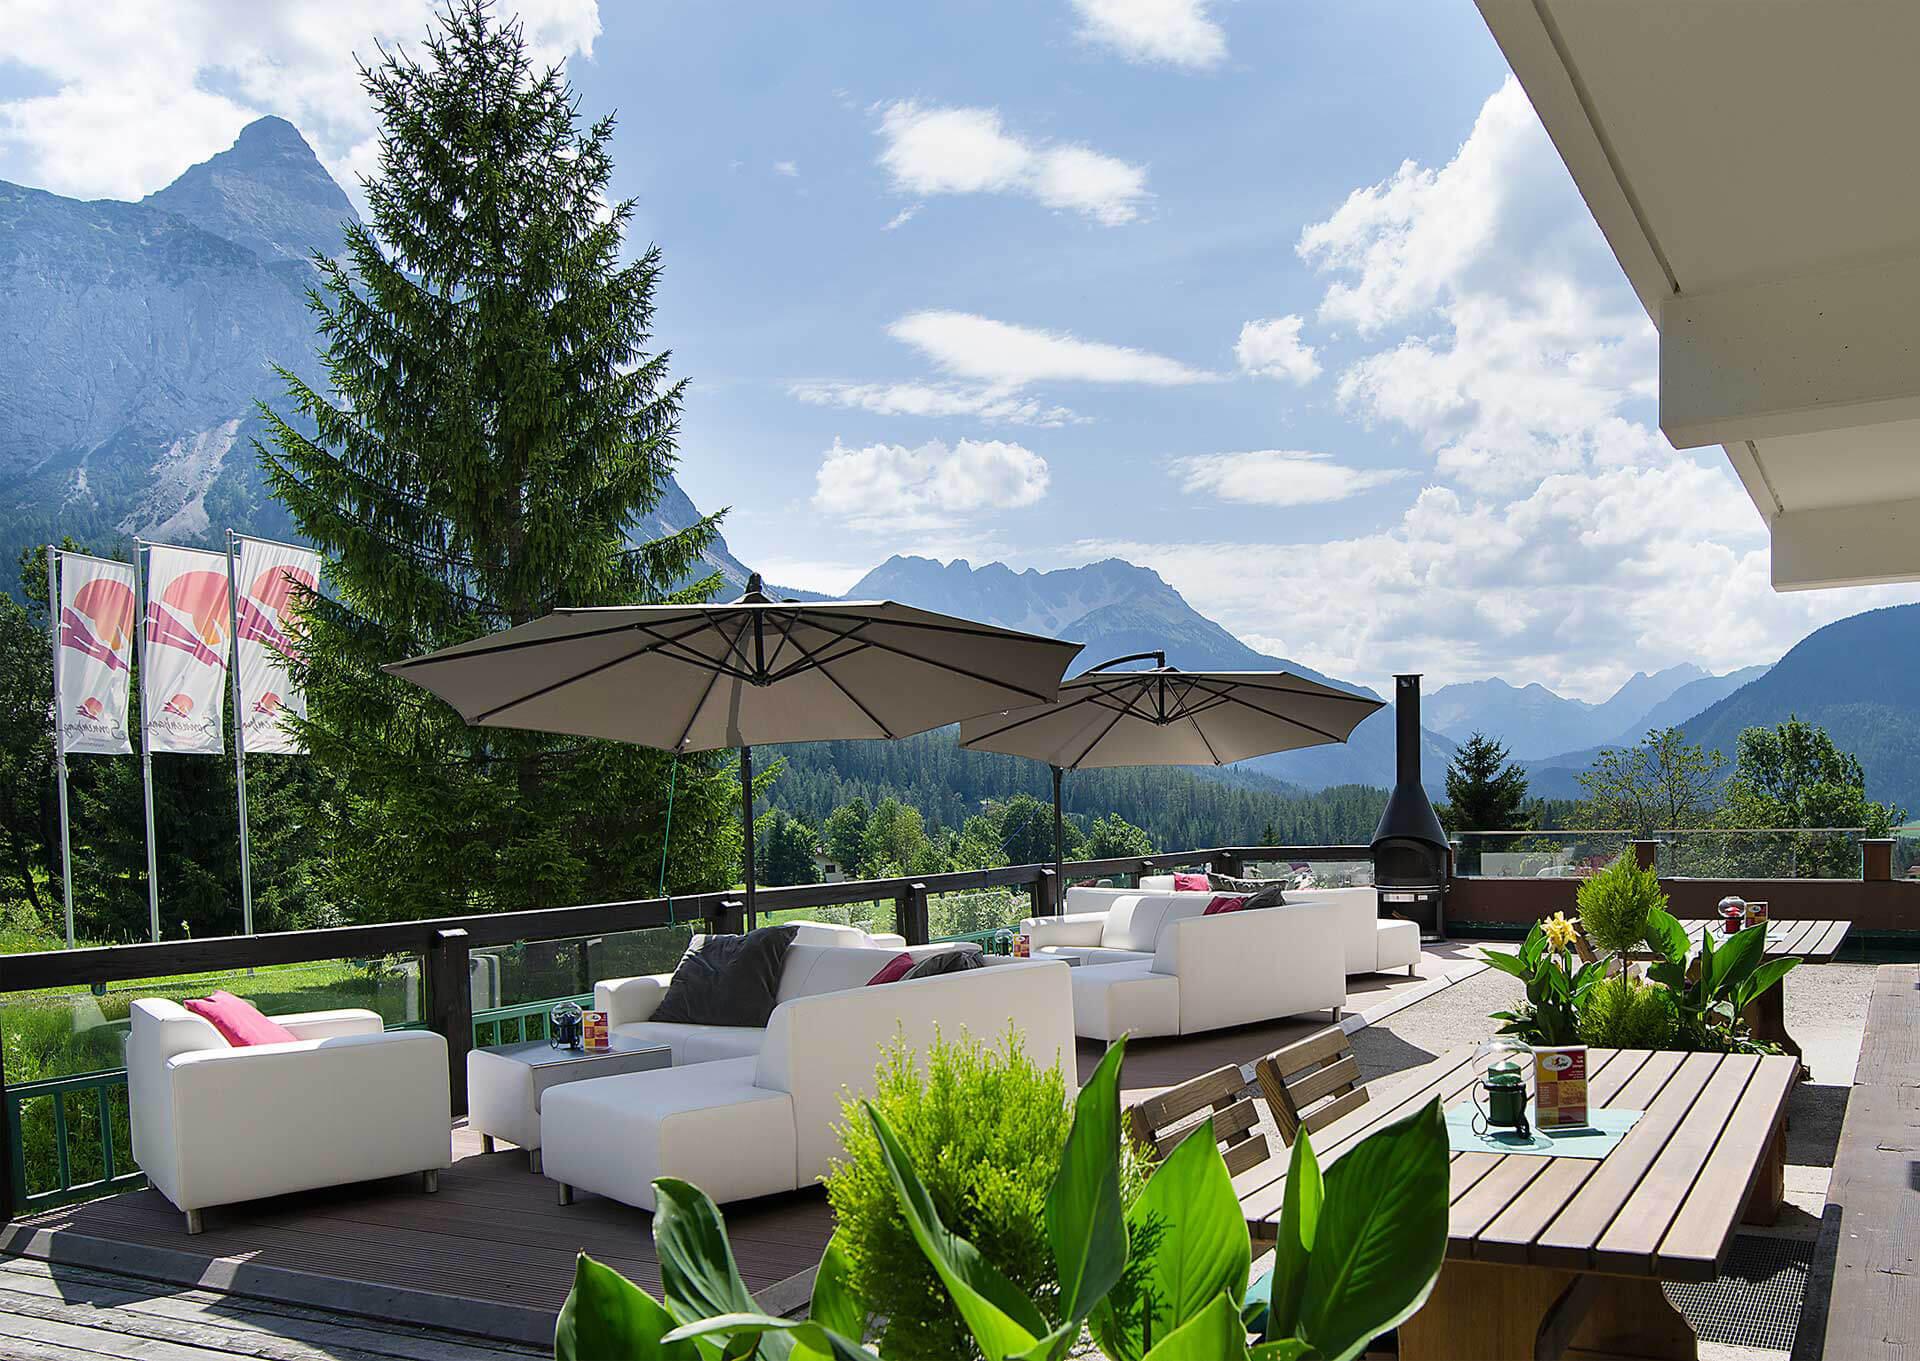 Sonnenterrasse mit Sitzgelegenheiten und Esstischen. 2 Sonnenschirme sind aufgespannt. im Hintergrund Berge und Grün.